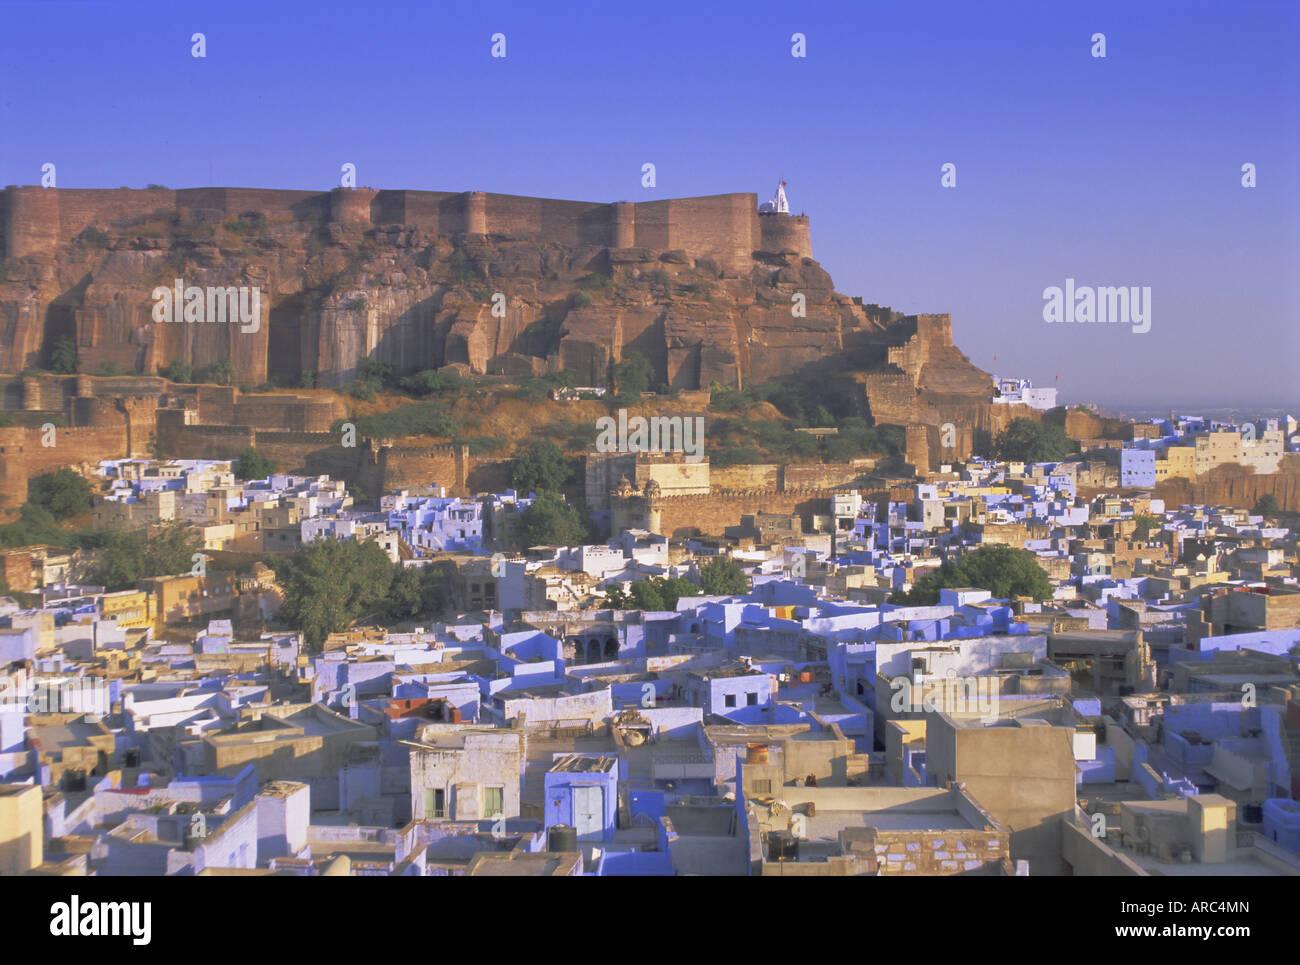 La ville bleue de Jodhpur, Rajasthan, Inde, Asie Banque D'Images